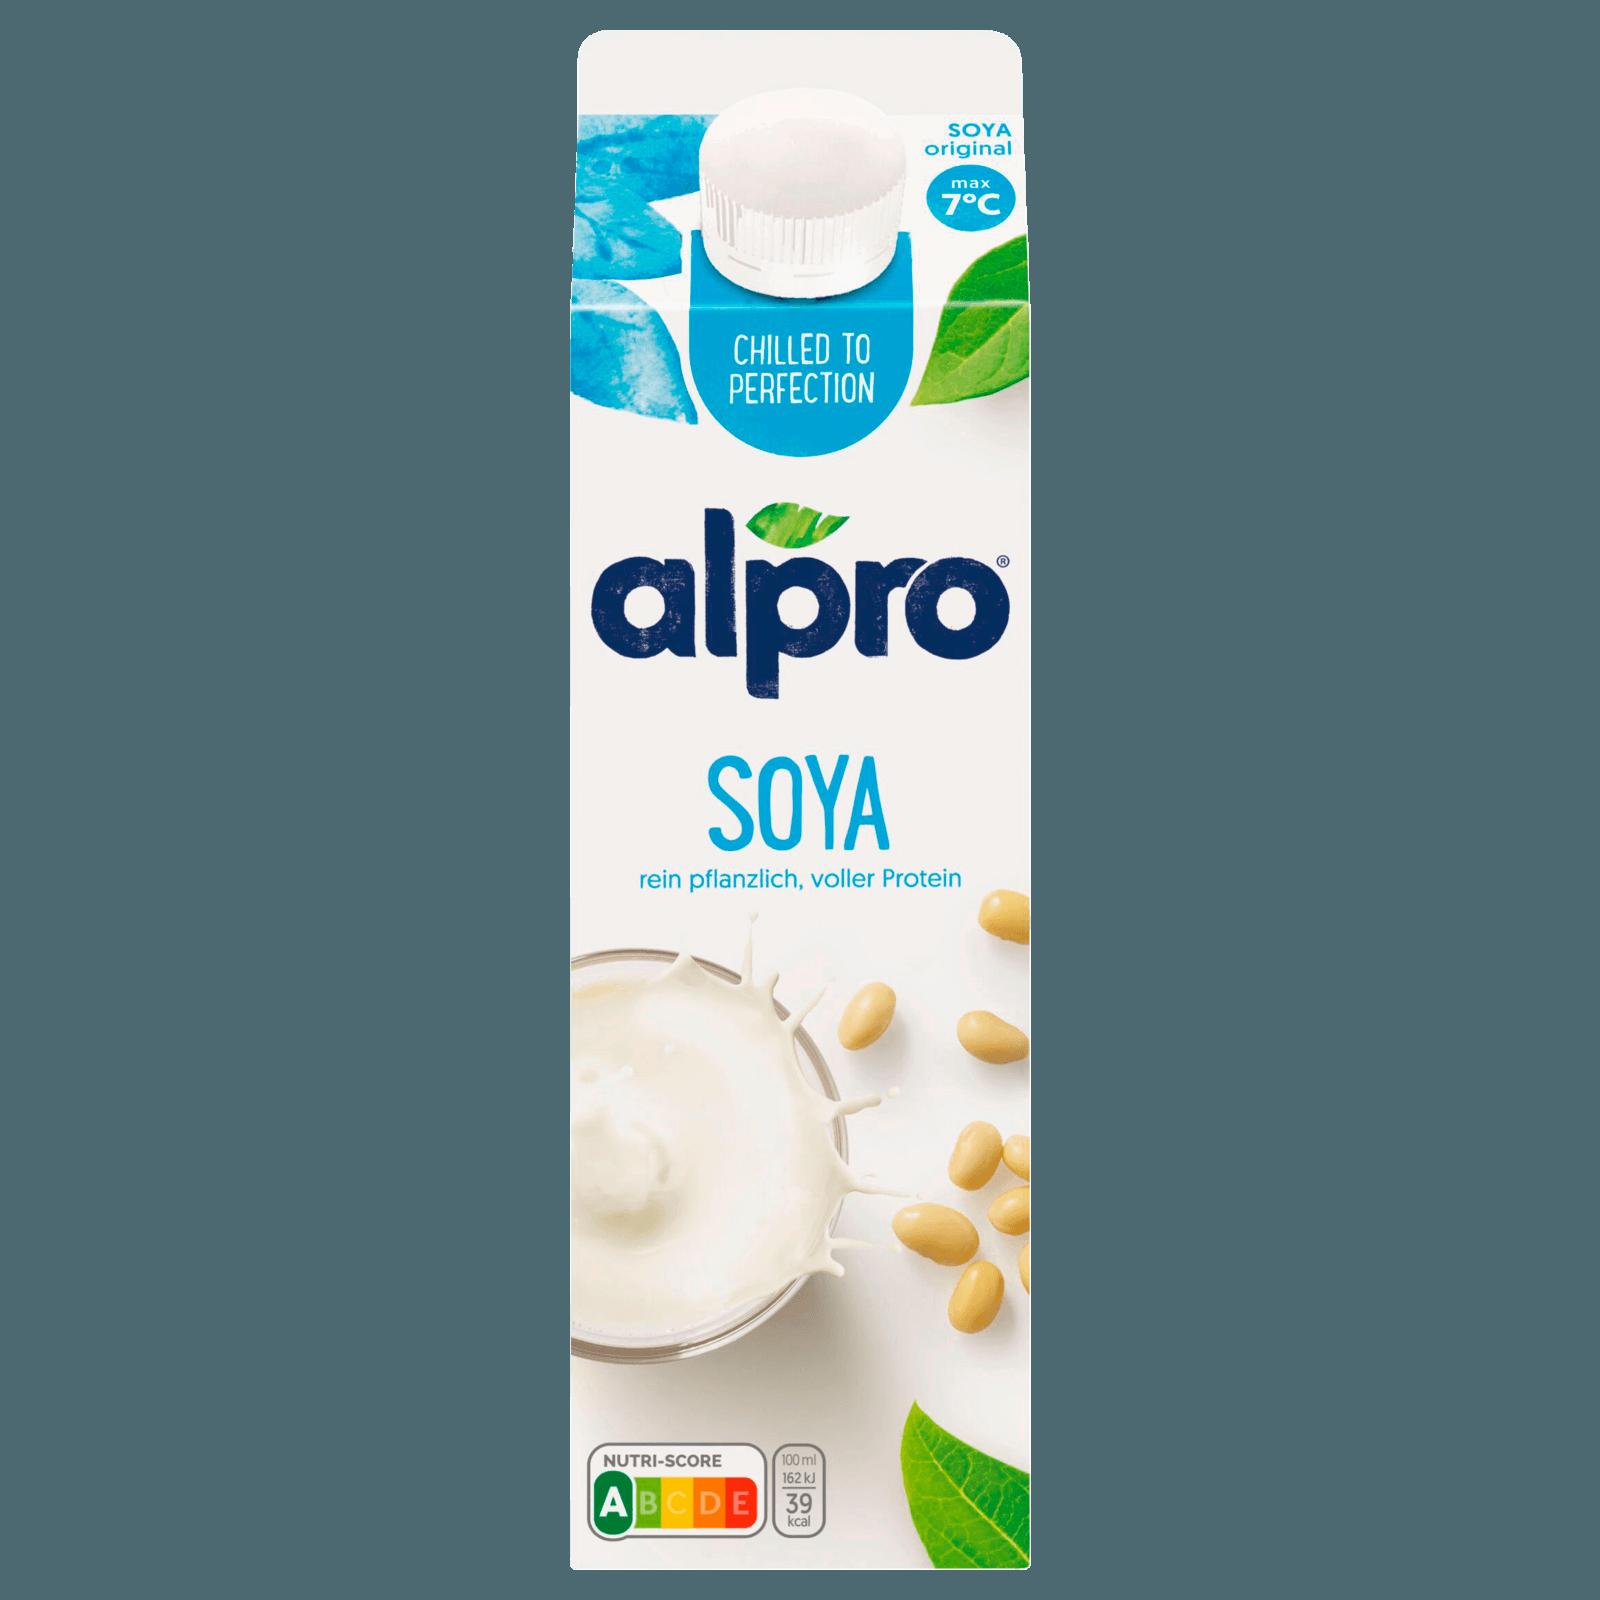 Alpro Sojadrink Original fresh mit Calcium, 1,0l